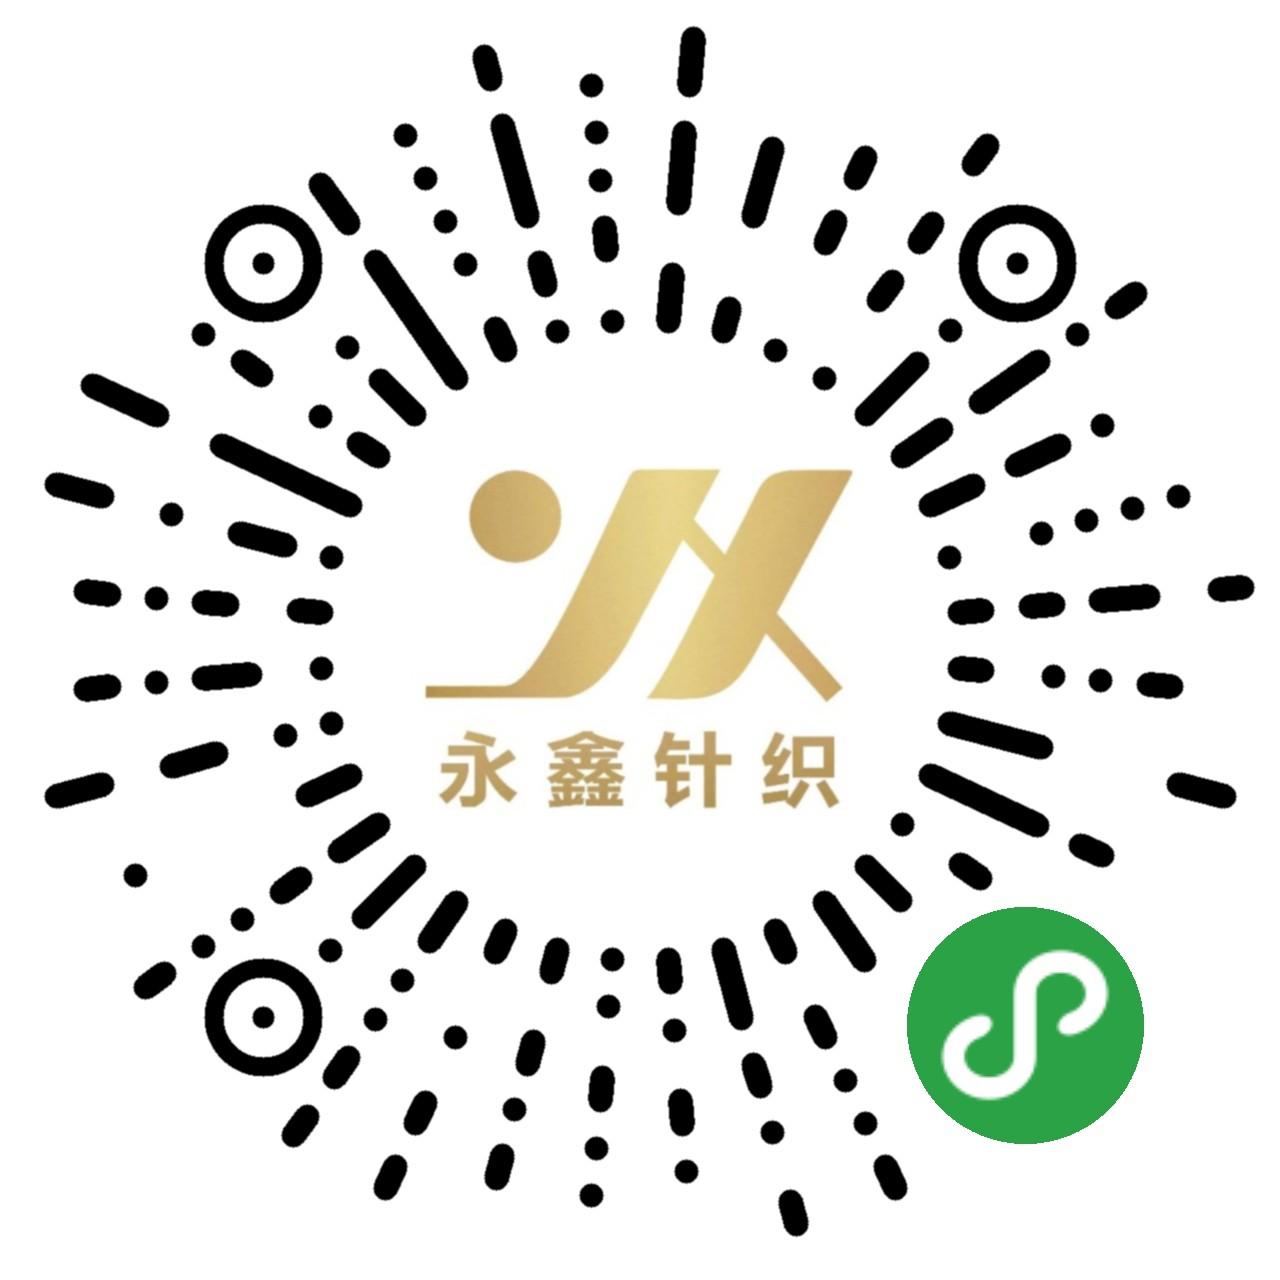 福建永鑫针织有限公司 花边厂小程序创建 蕾丝厂小程序建立